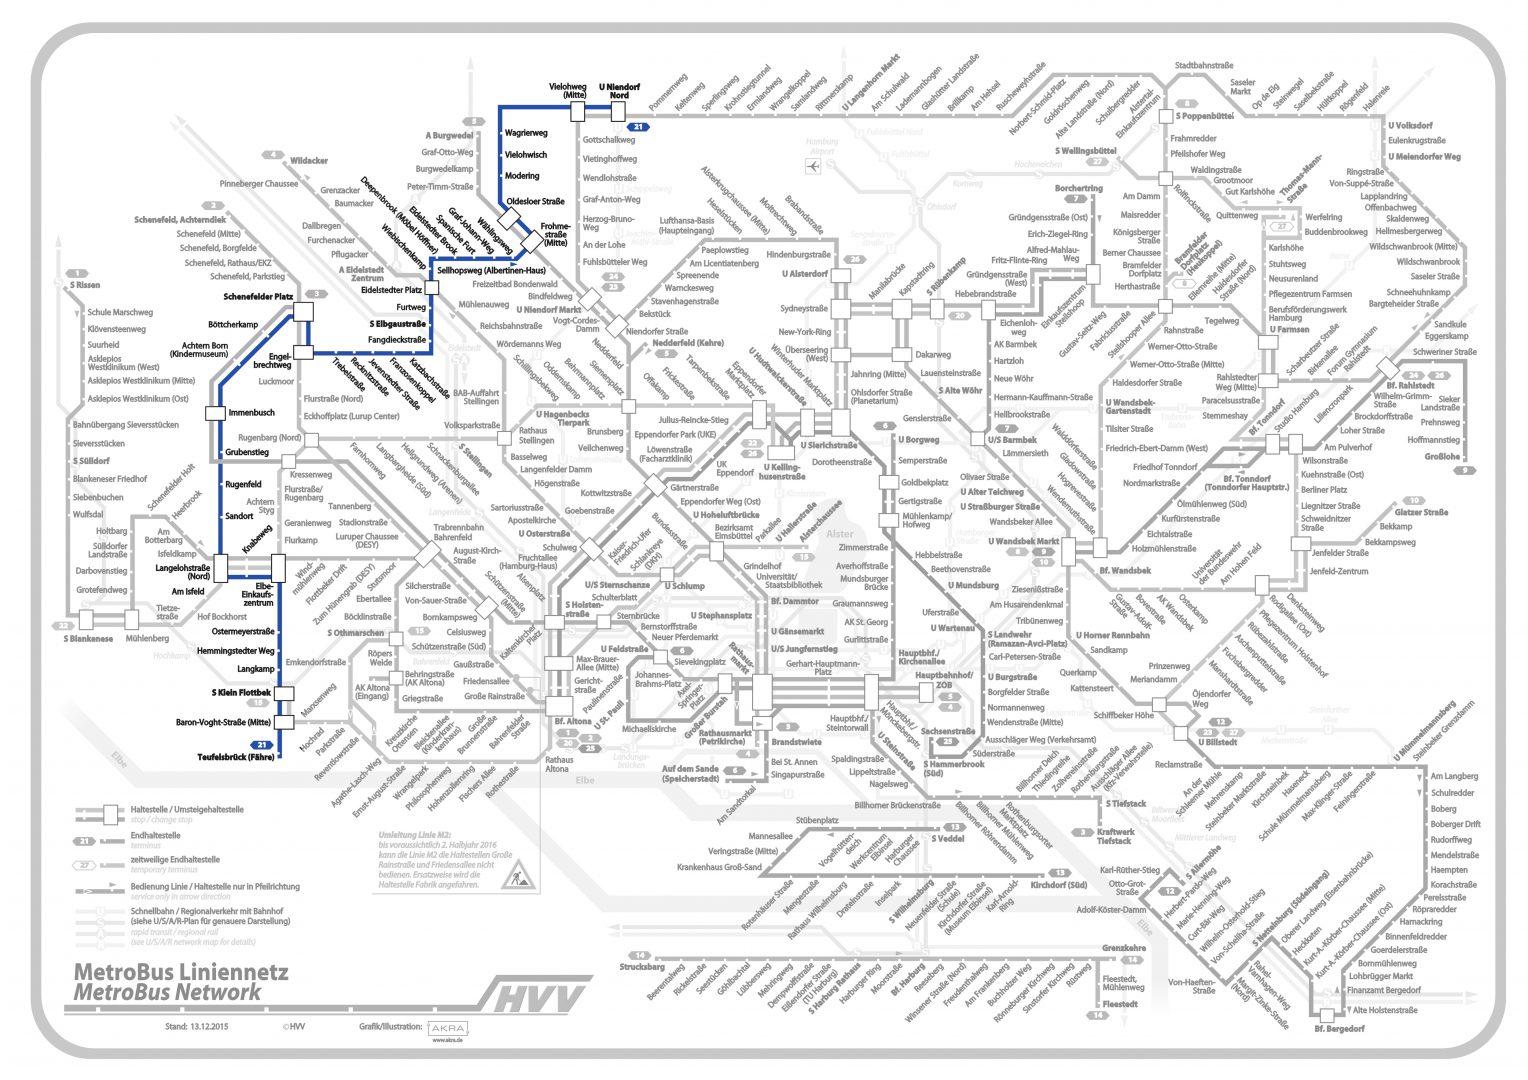 Linie 21 im Liniennetz hervorgehoben, (C) Hamburger Verkehrsverbund (bearbeitet)